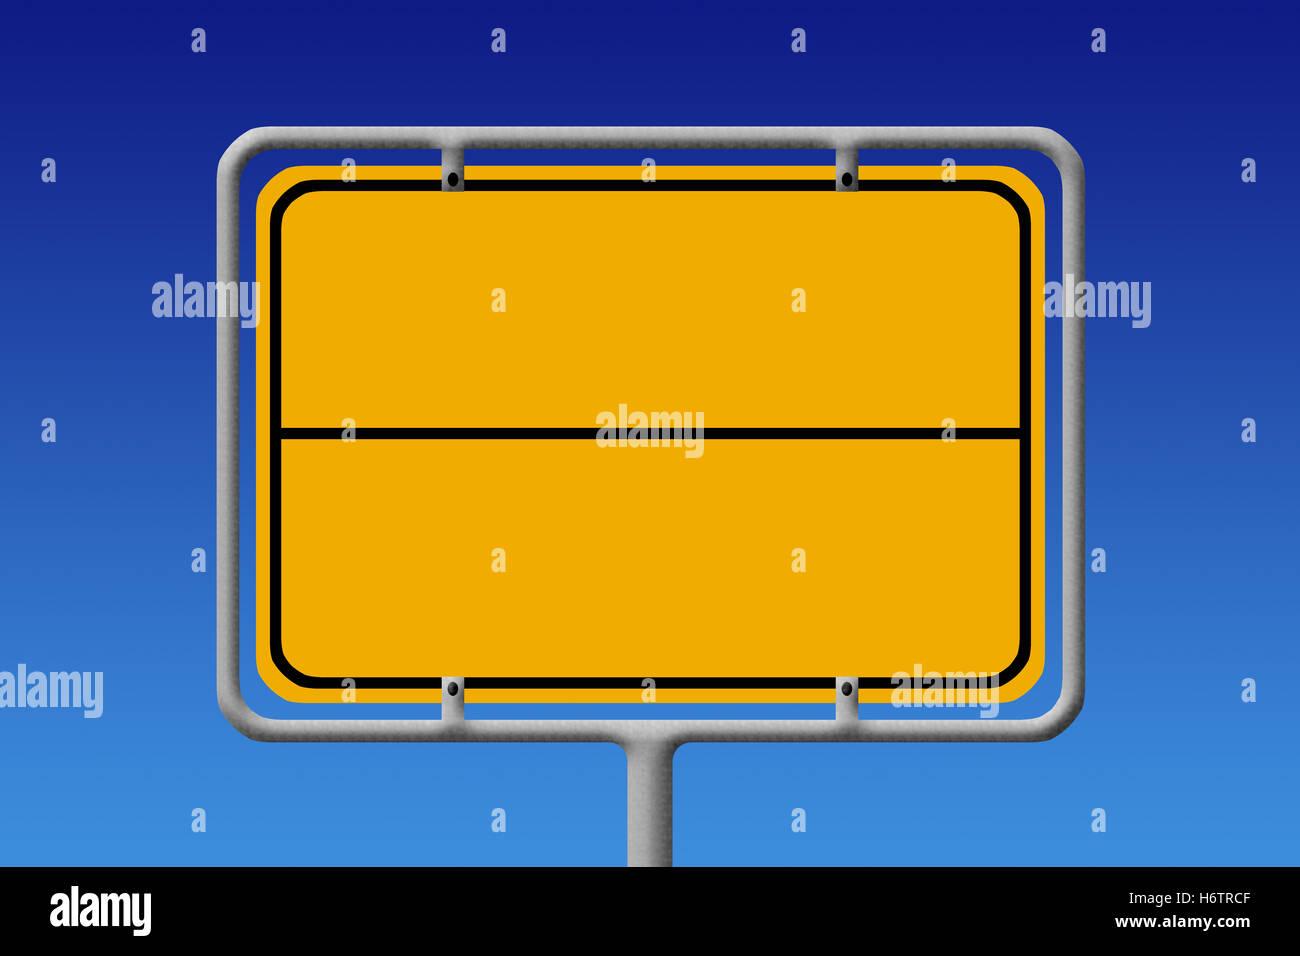 signos símbolos Foto de stock